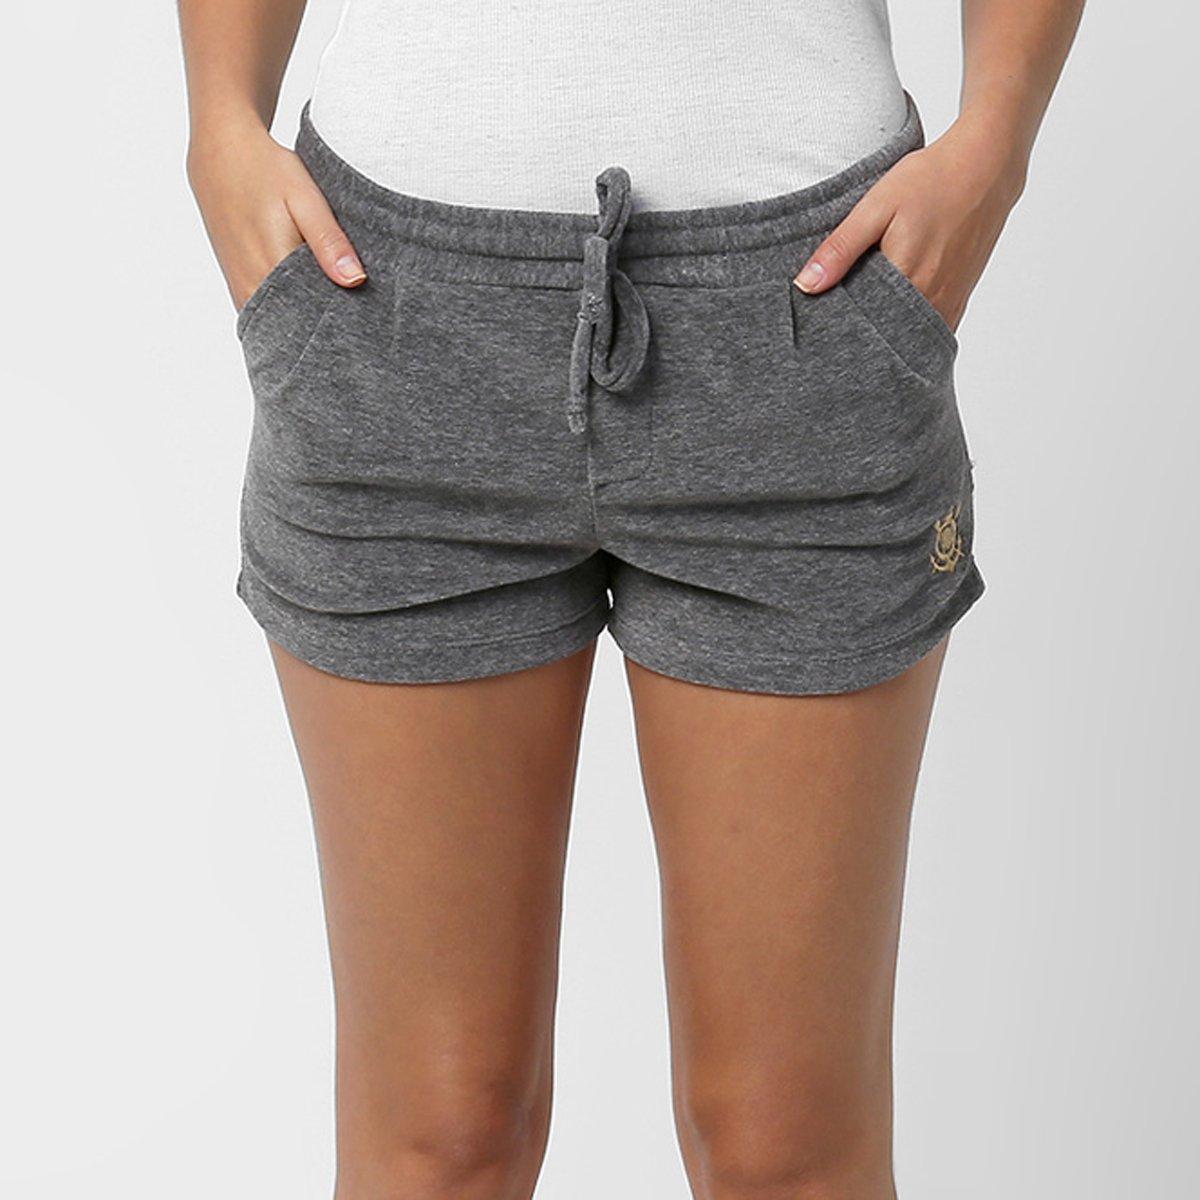 Short Feminino Corinthians Soft - Compre Agora  f68457069558e